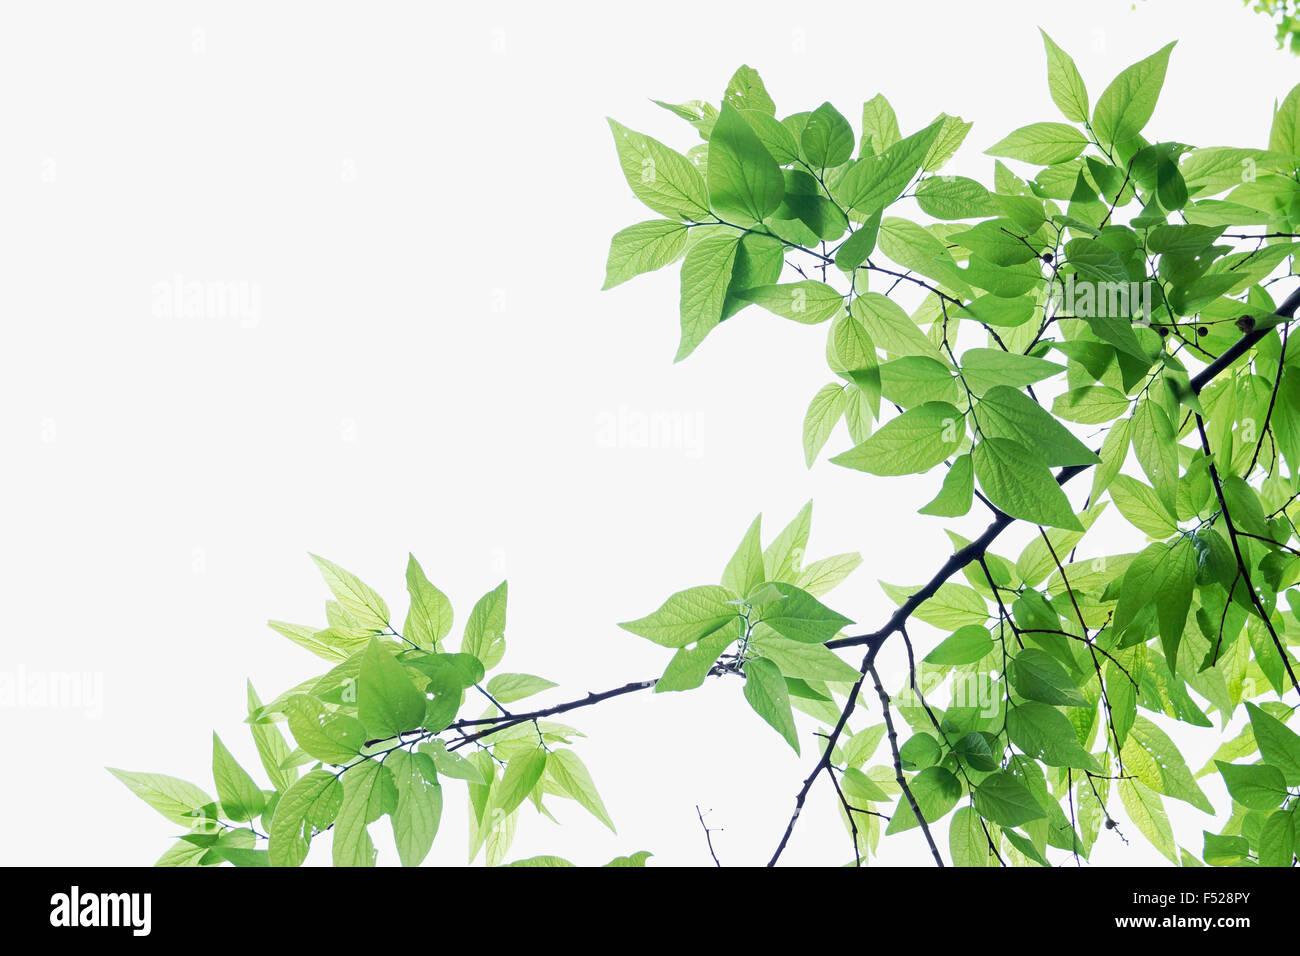 Lebendige grüne Blätter auf einem weißen Himmelshintergrund Stockbild